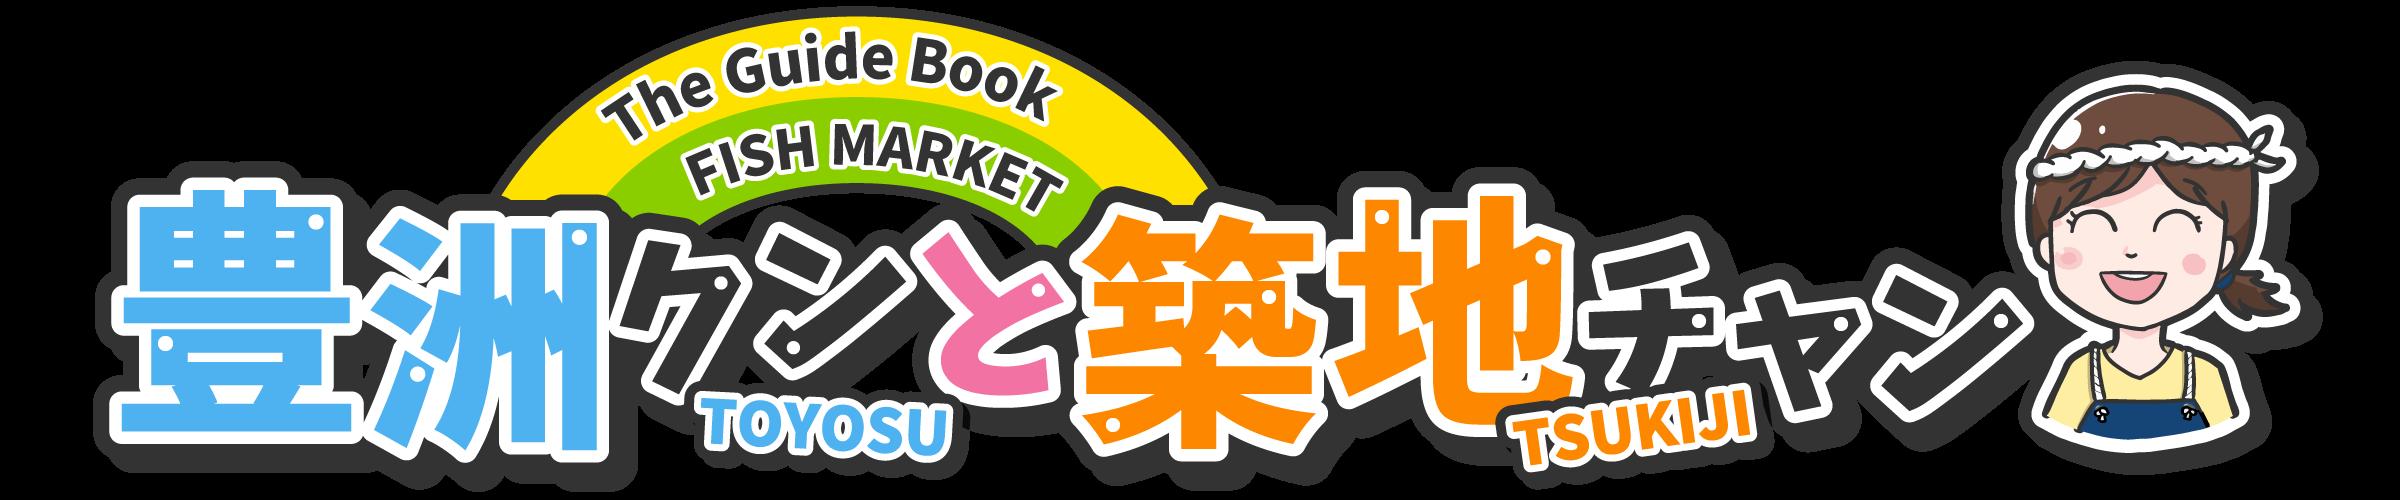 とよす〜も|つきじ〜も Tokyo Fish Market